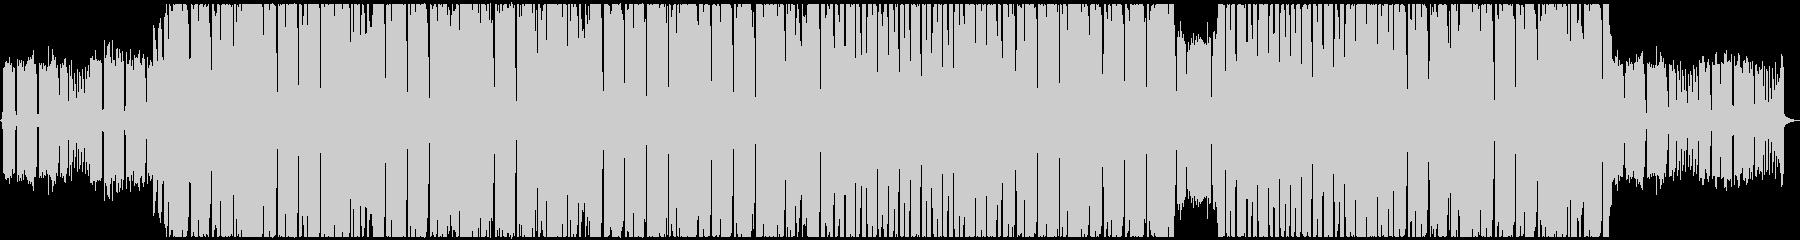 エネルギッシュなギターインストの未再生の波形